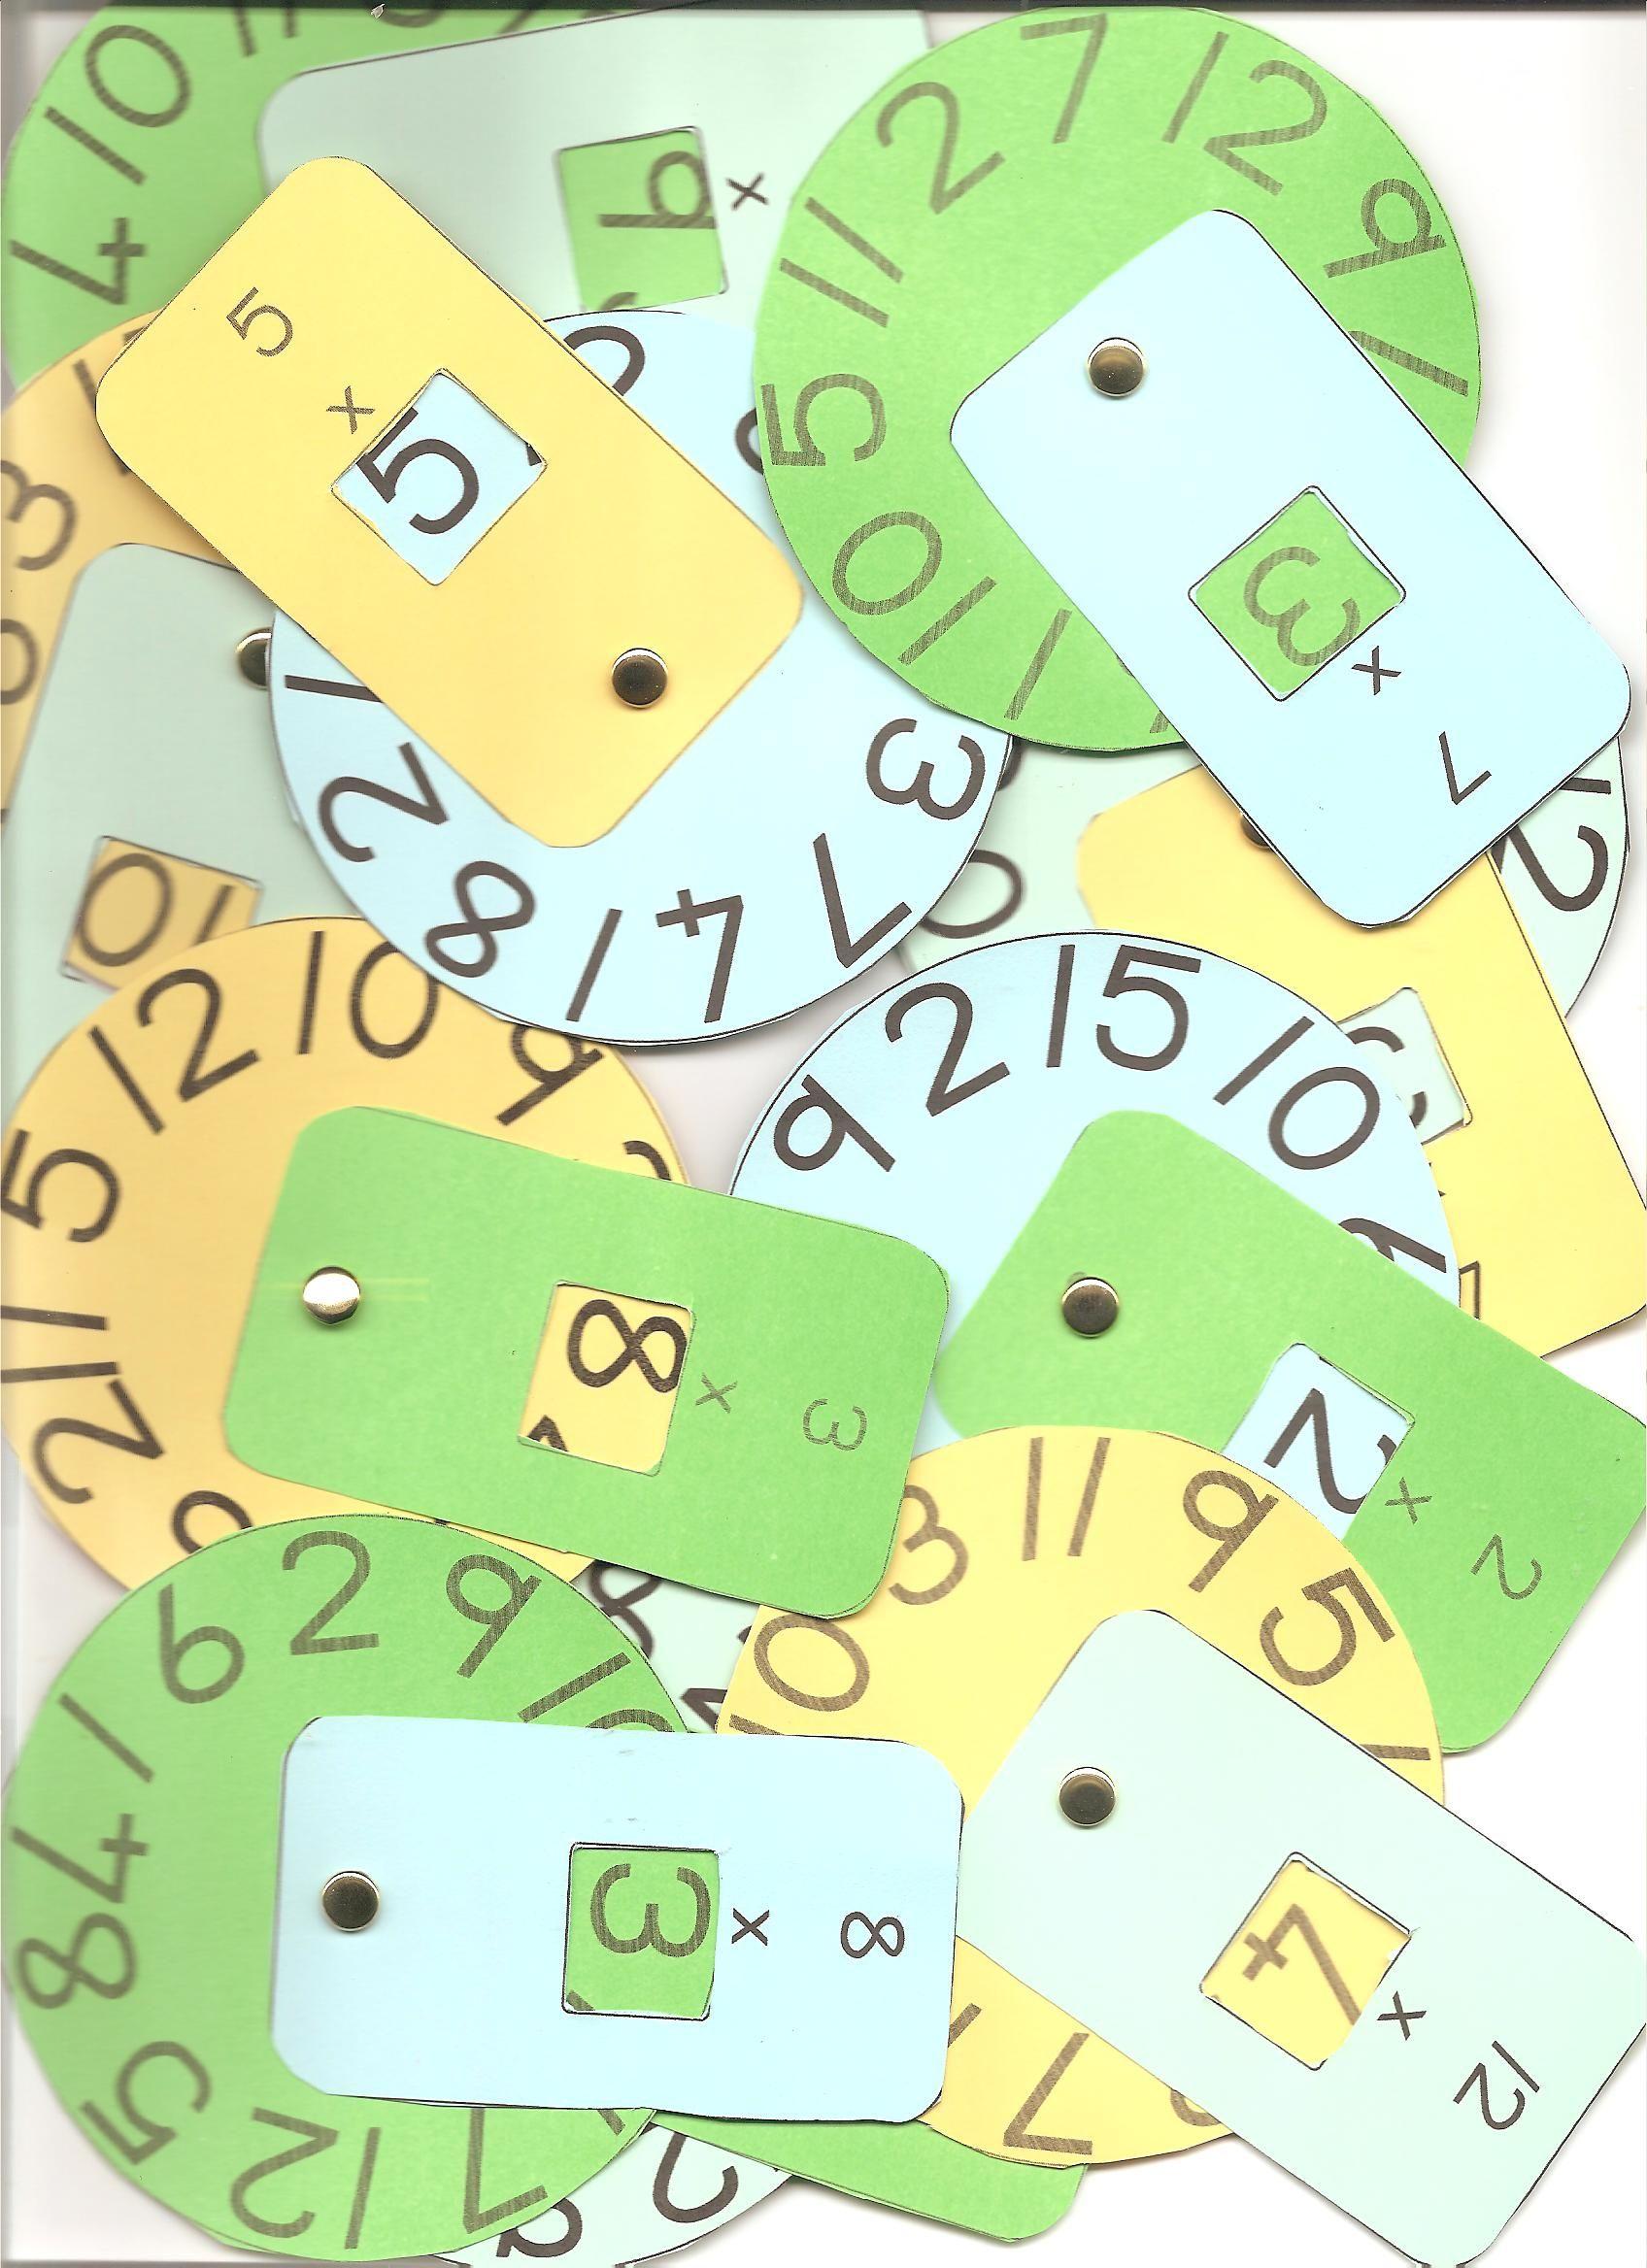 Maths | FirstGradeFaculty.com | Pinterest | Multiplication, Fun math ...